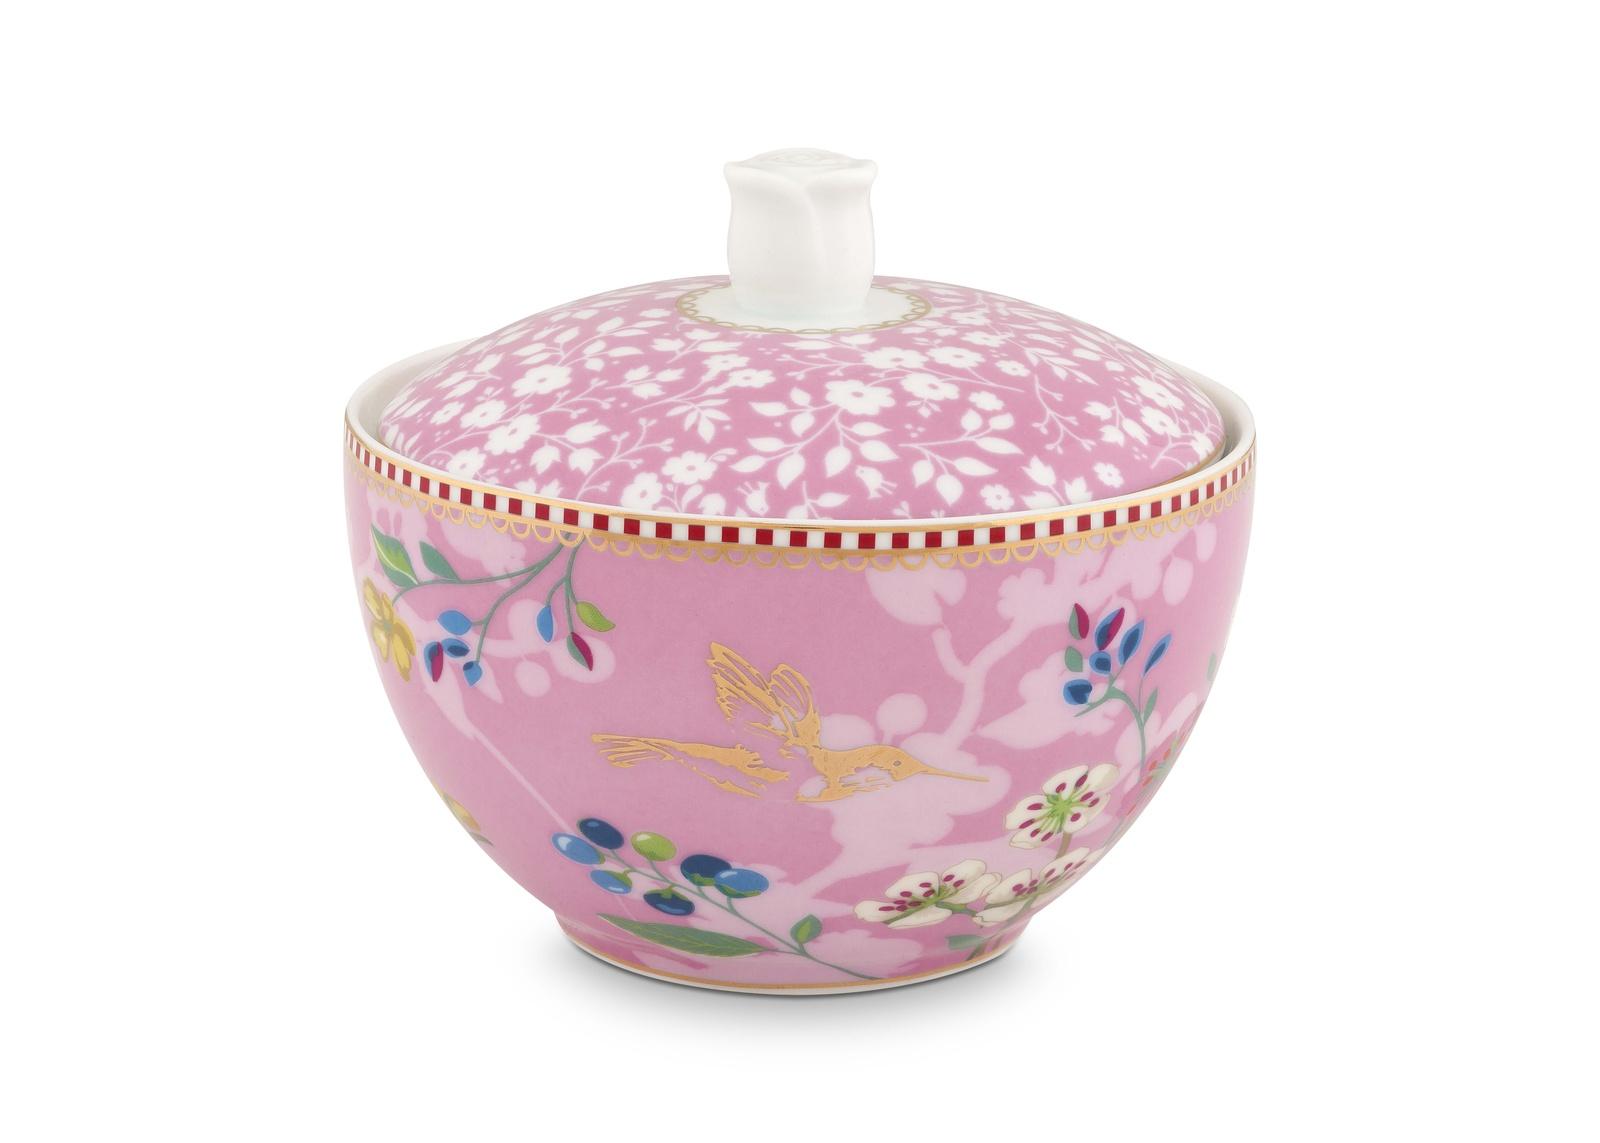 Сахарница PiP Studio Floral, цвет: розовый, 300 мл mikasa сахарница floral silhouette